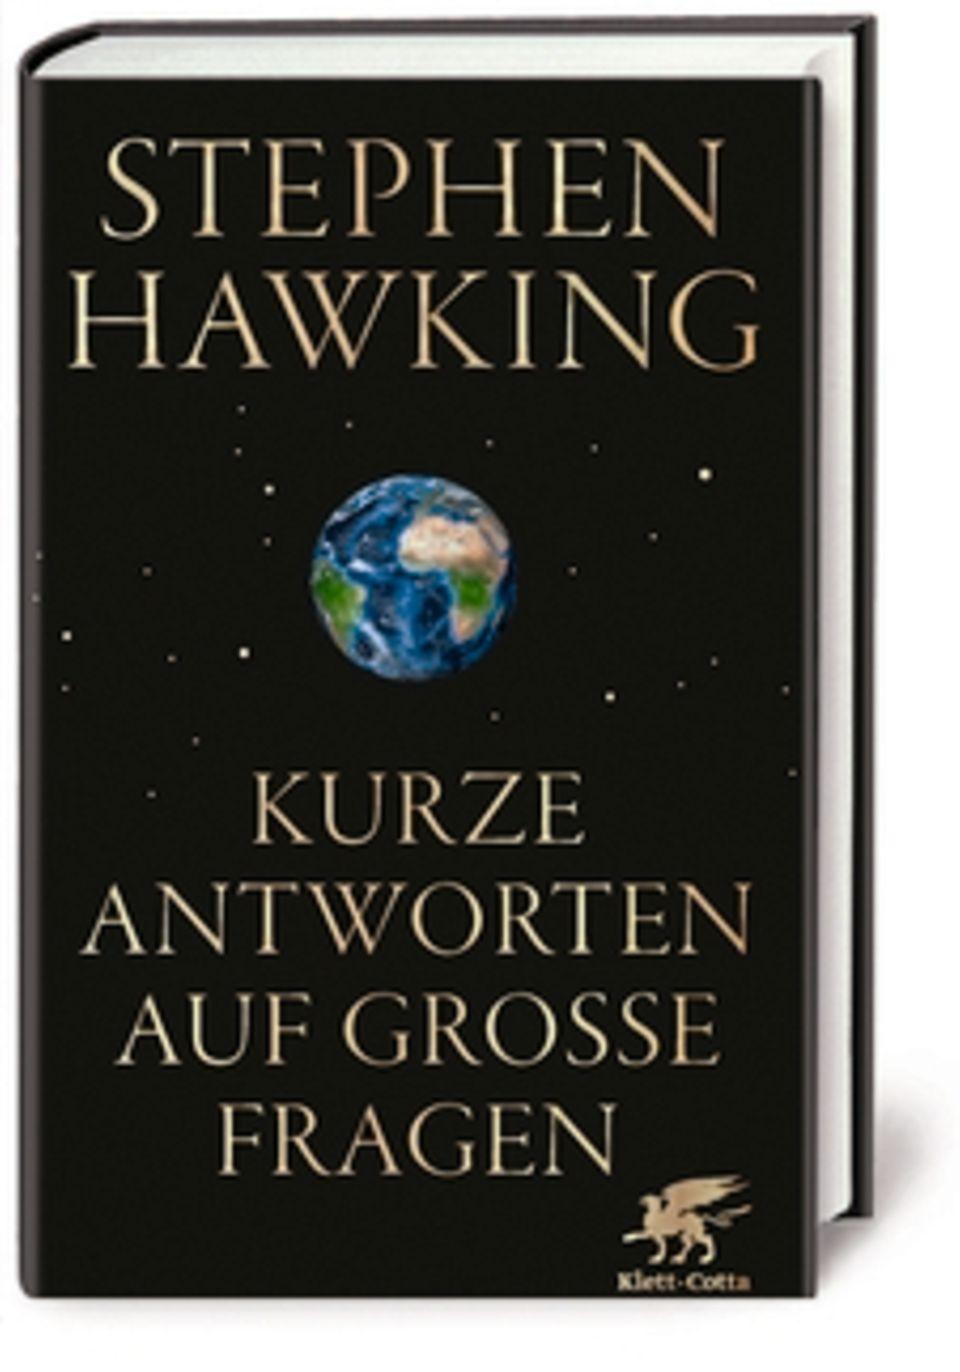 """Stephen Hawking: """"Kurze Antworten auf große Fragen"""", Klett-Cotta-Verlag, 240 Seiten, 20 Euro"""